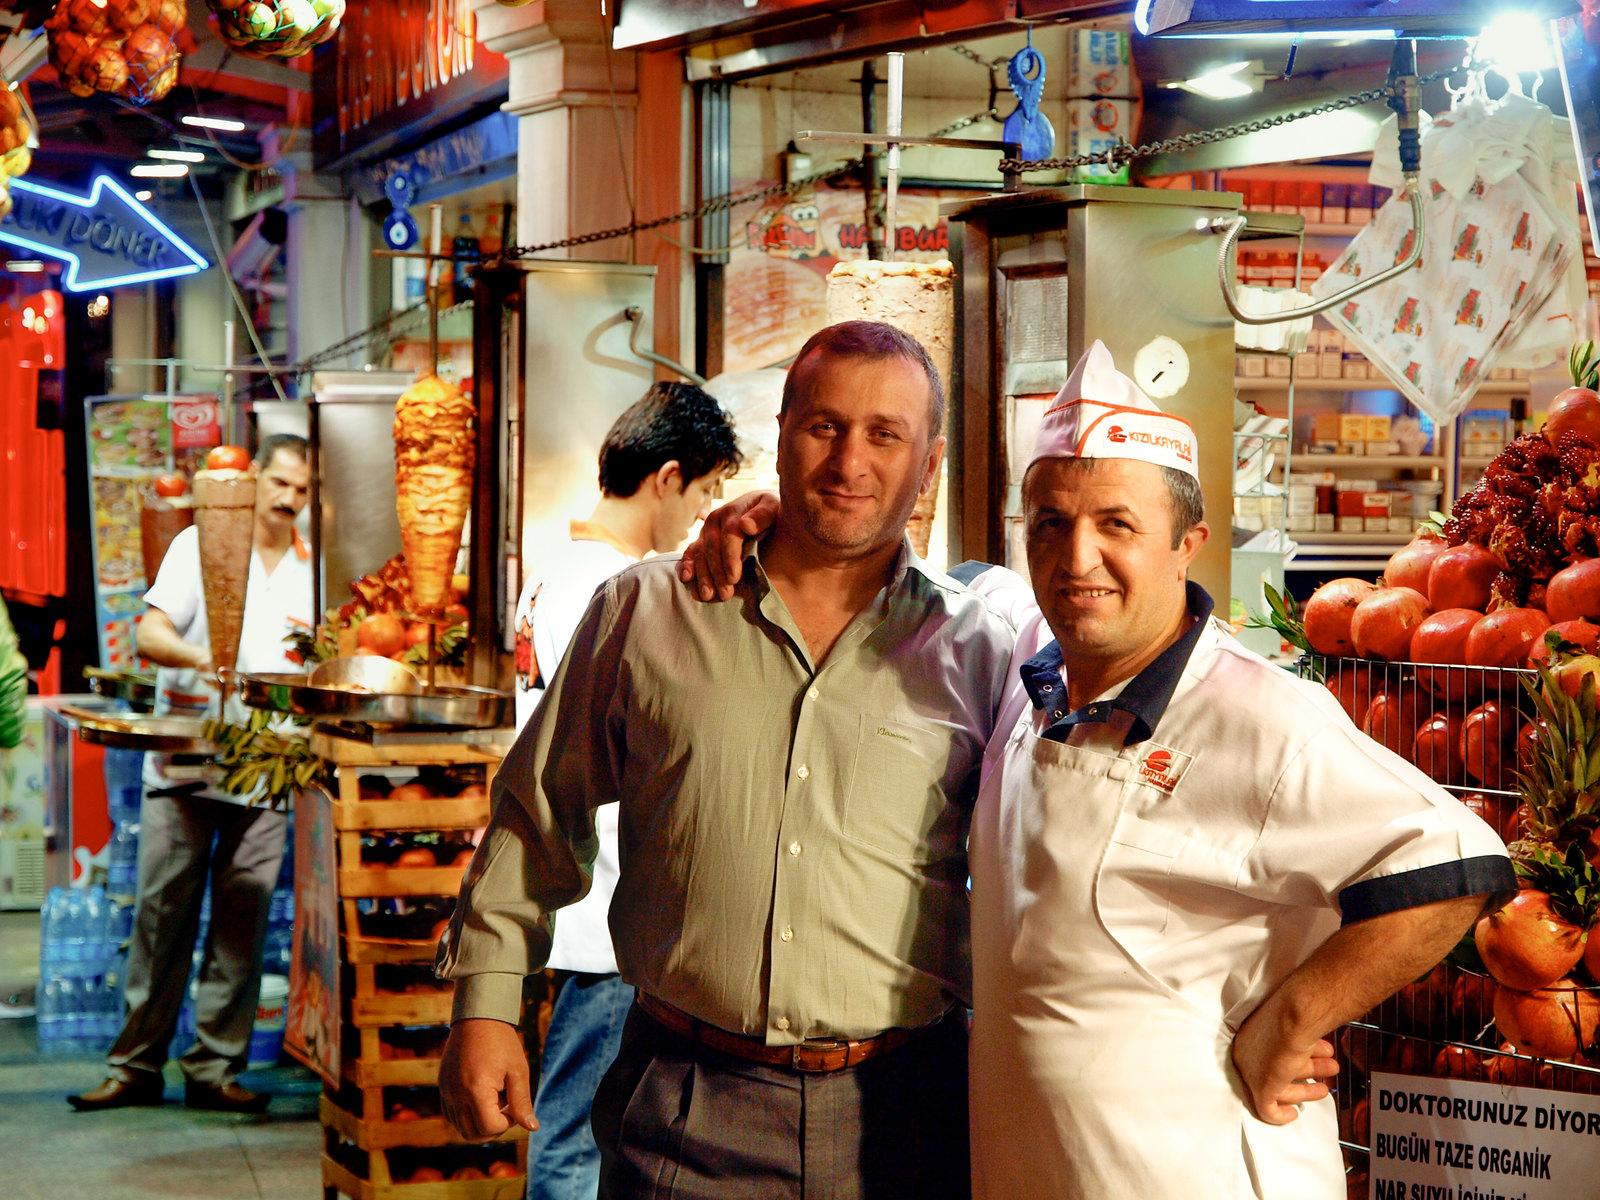 Istanbul - Les vendeurs de Kebab